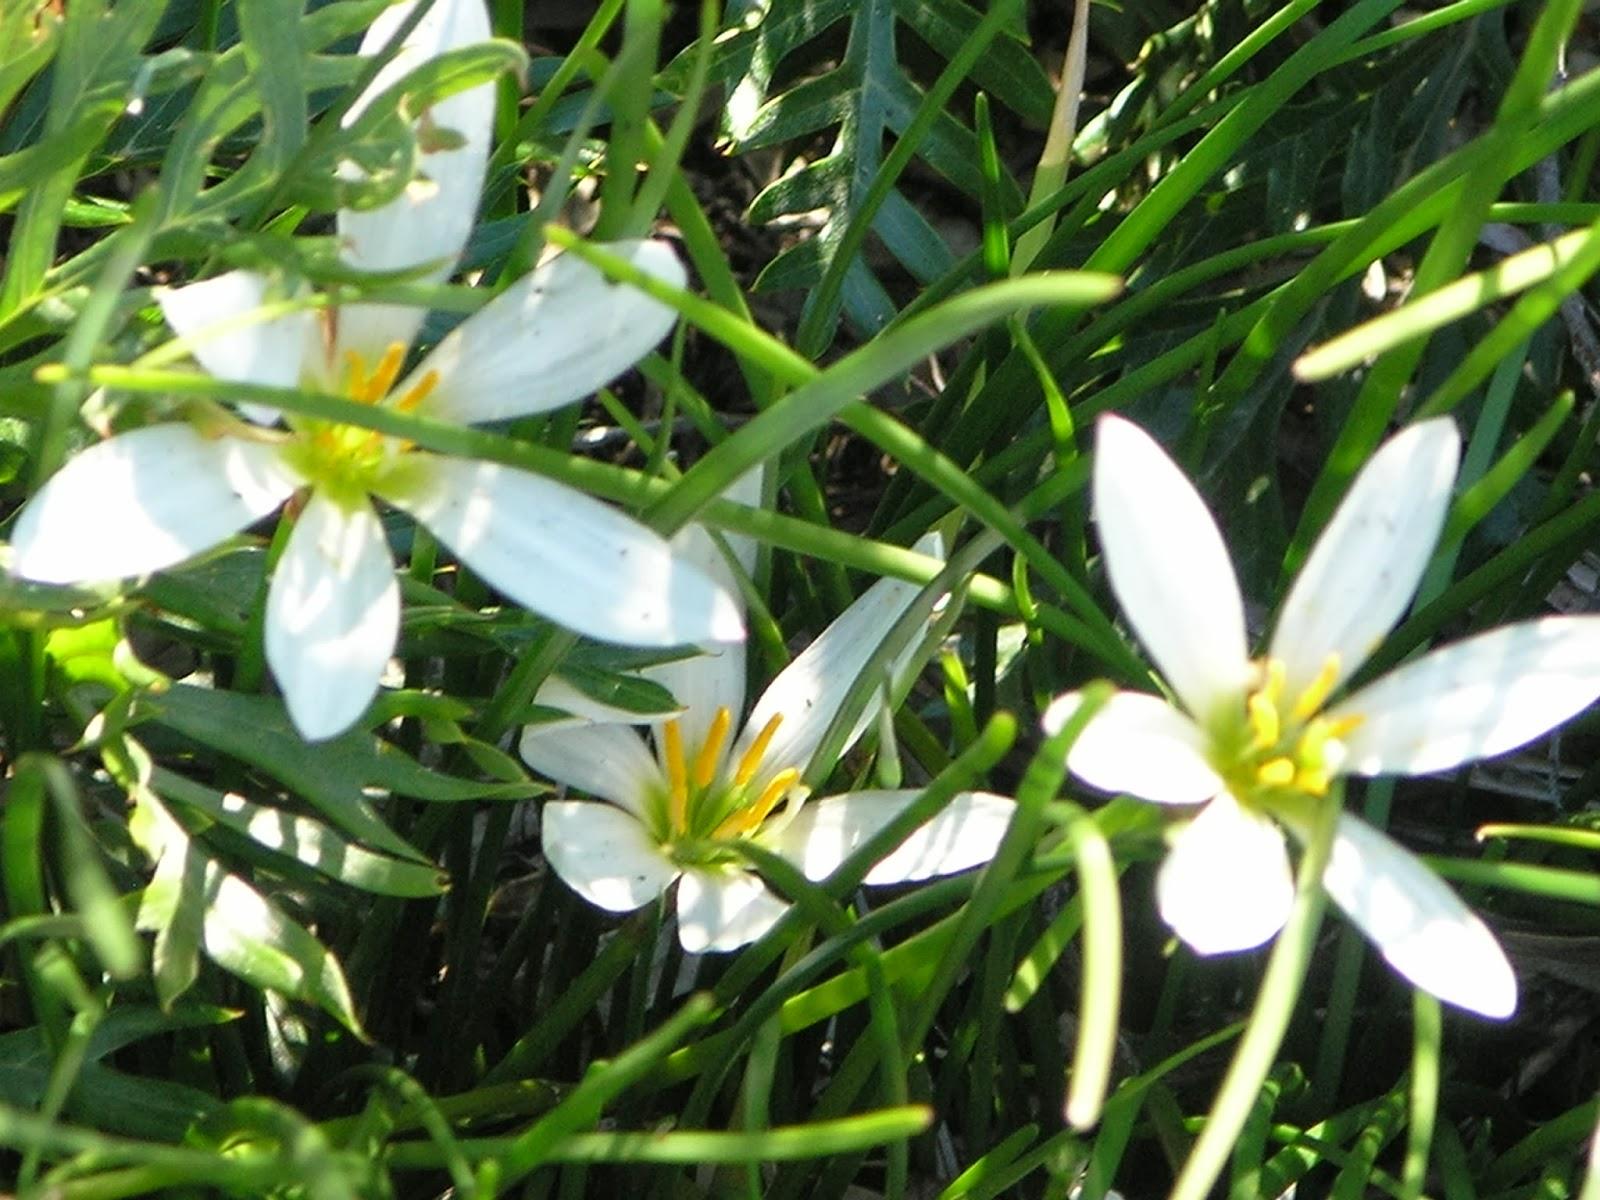 Photos of spring